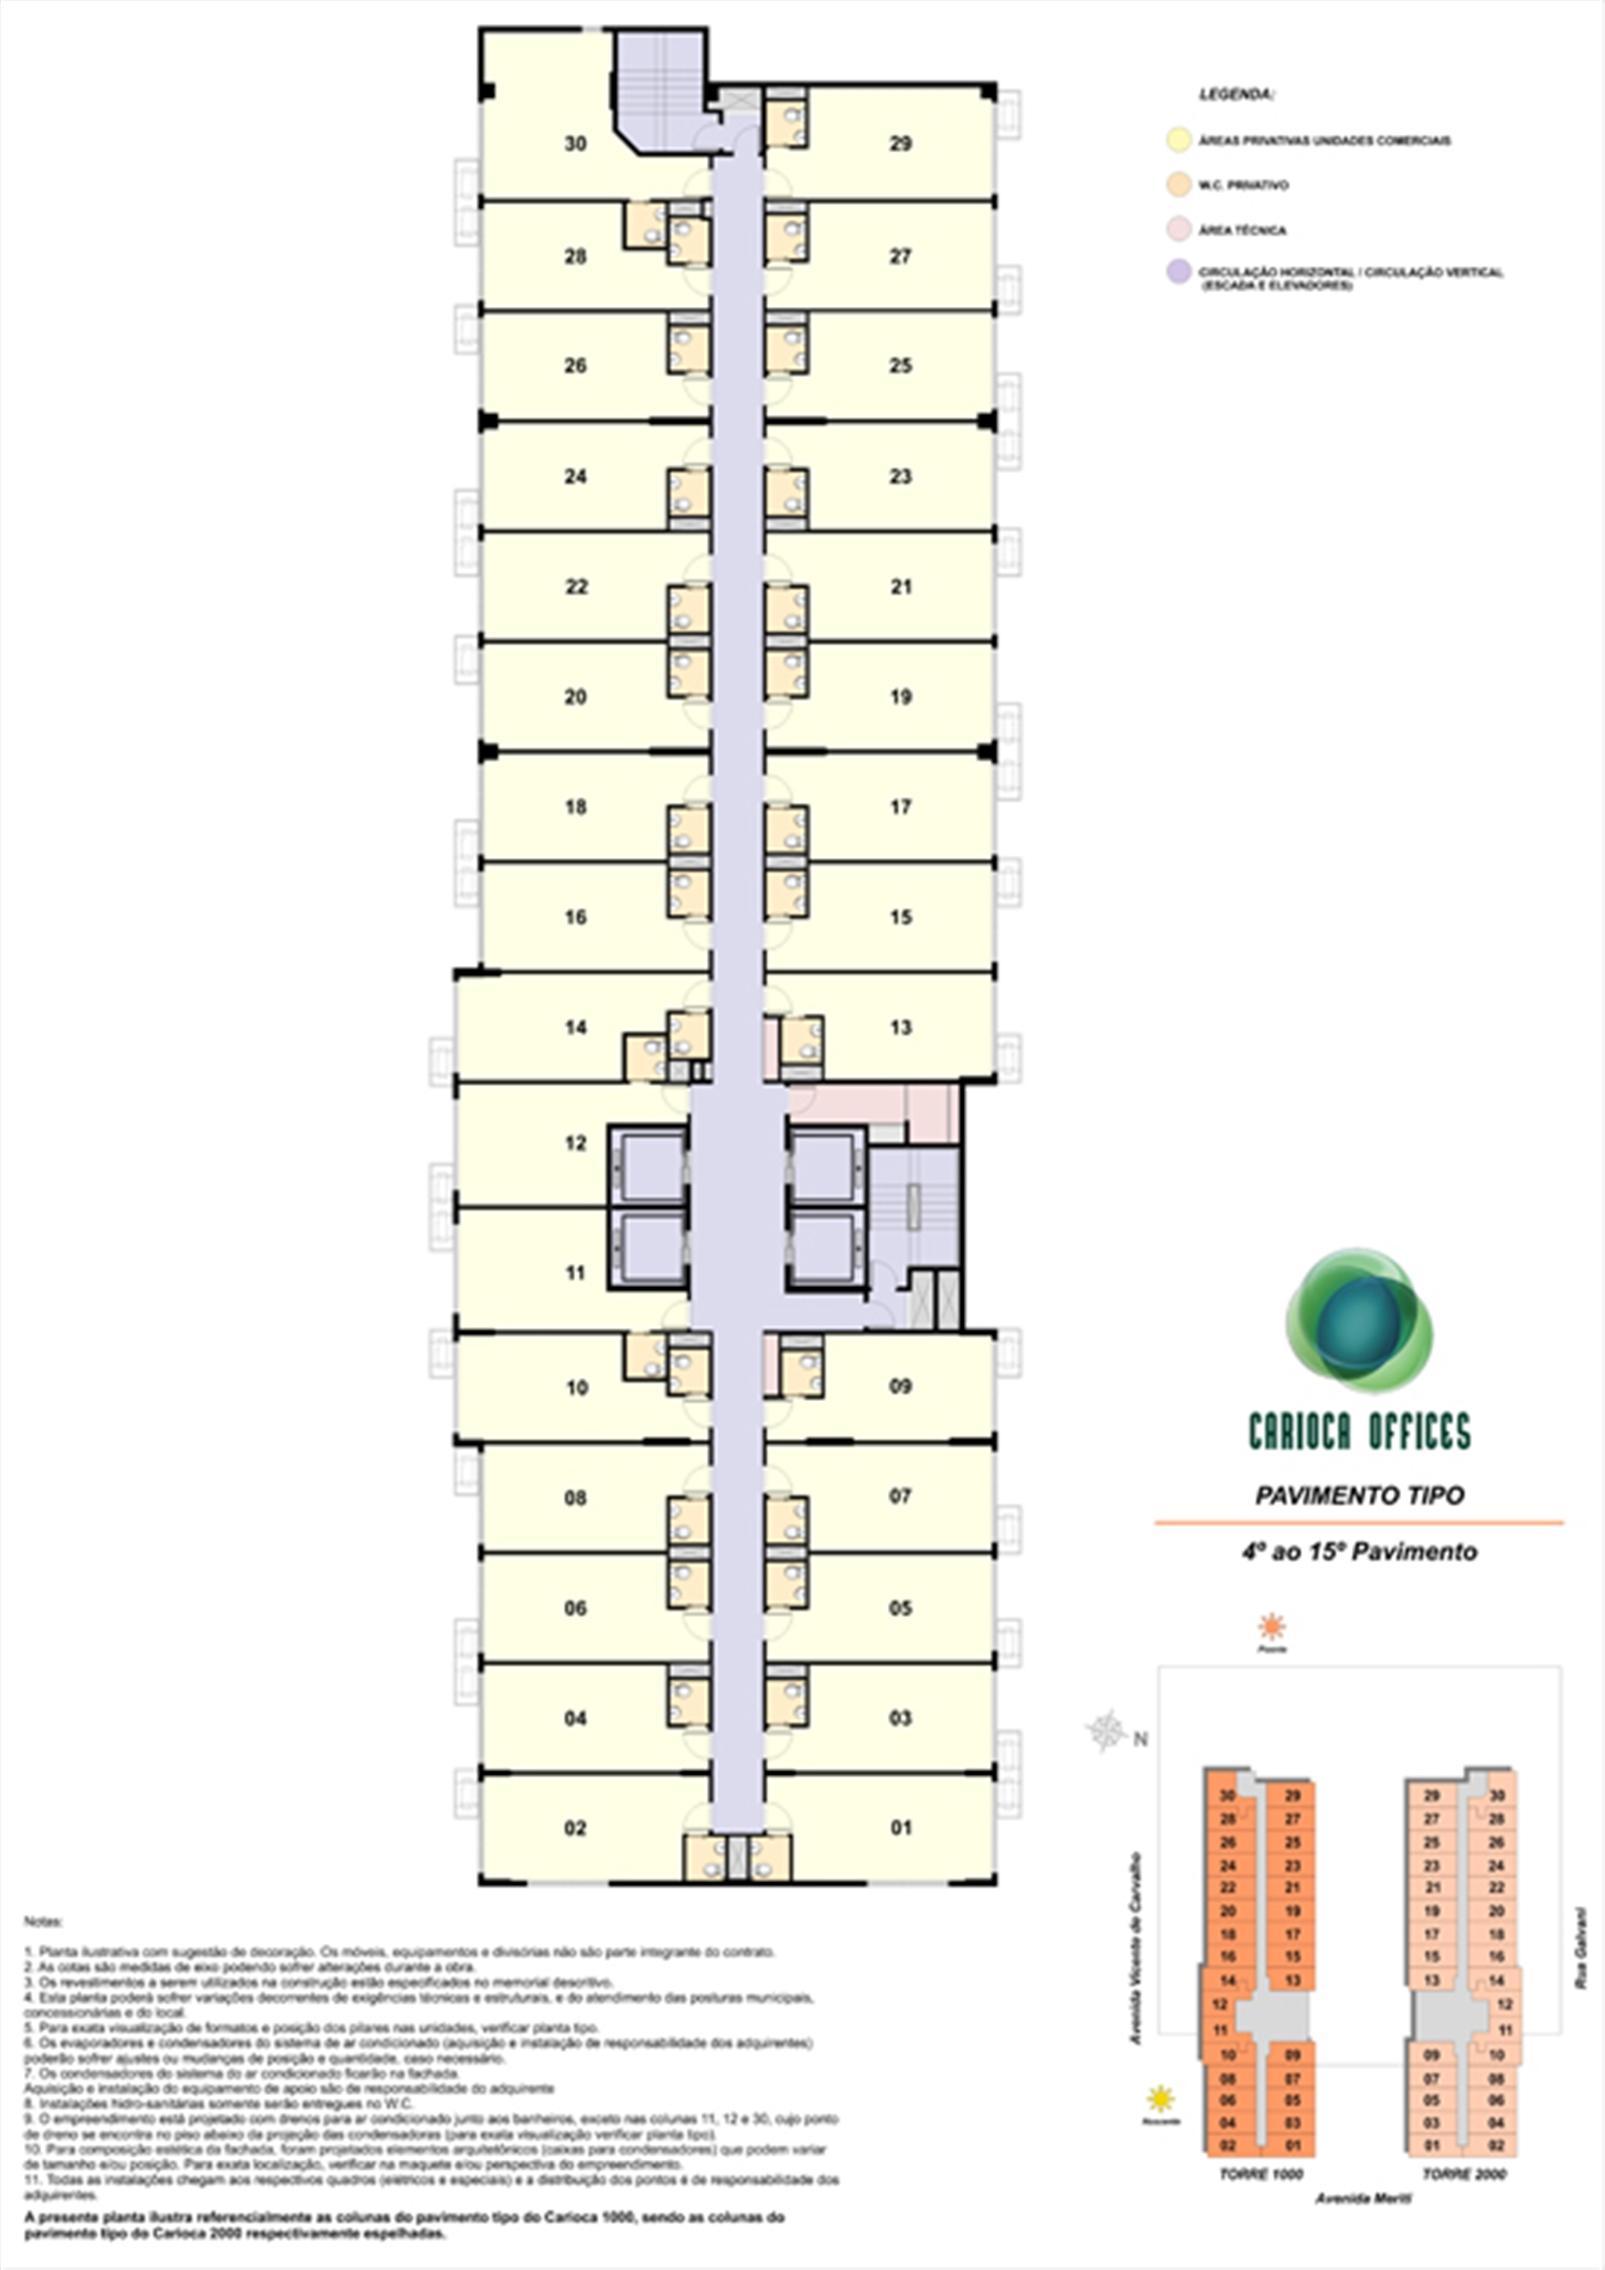 Tipo Seco | Carioca Offices – Salas Comerciaisna  Vila da Penha - Rio de Janeiro - Rio de Janeiro